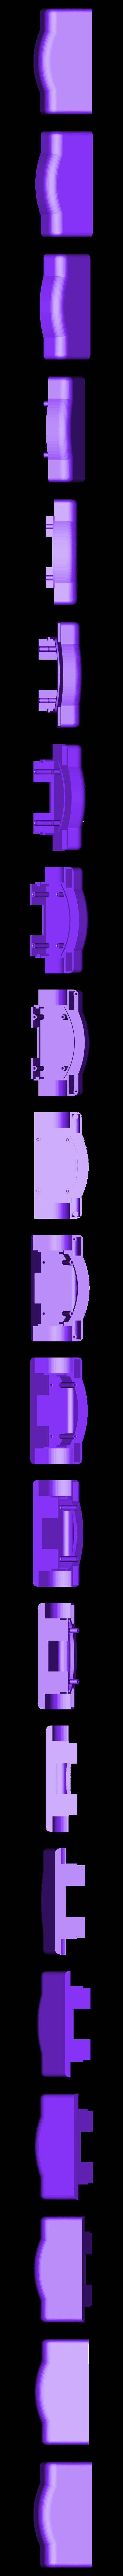 Body_Front_4.1.1.stl Télécharger fichier STL gratuit Meshbot 1 • Modèle à imprimer en 3D, JamieLaing